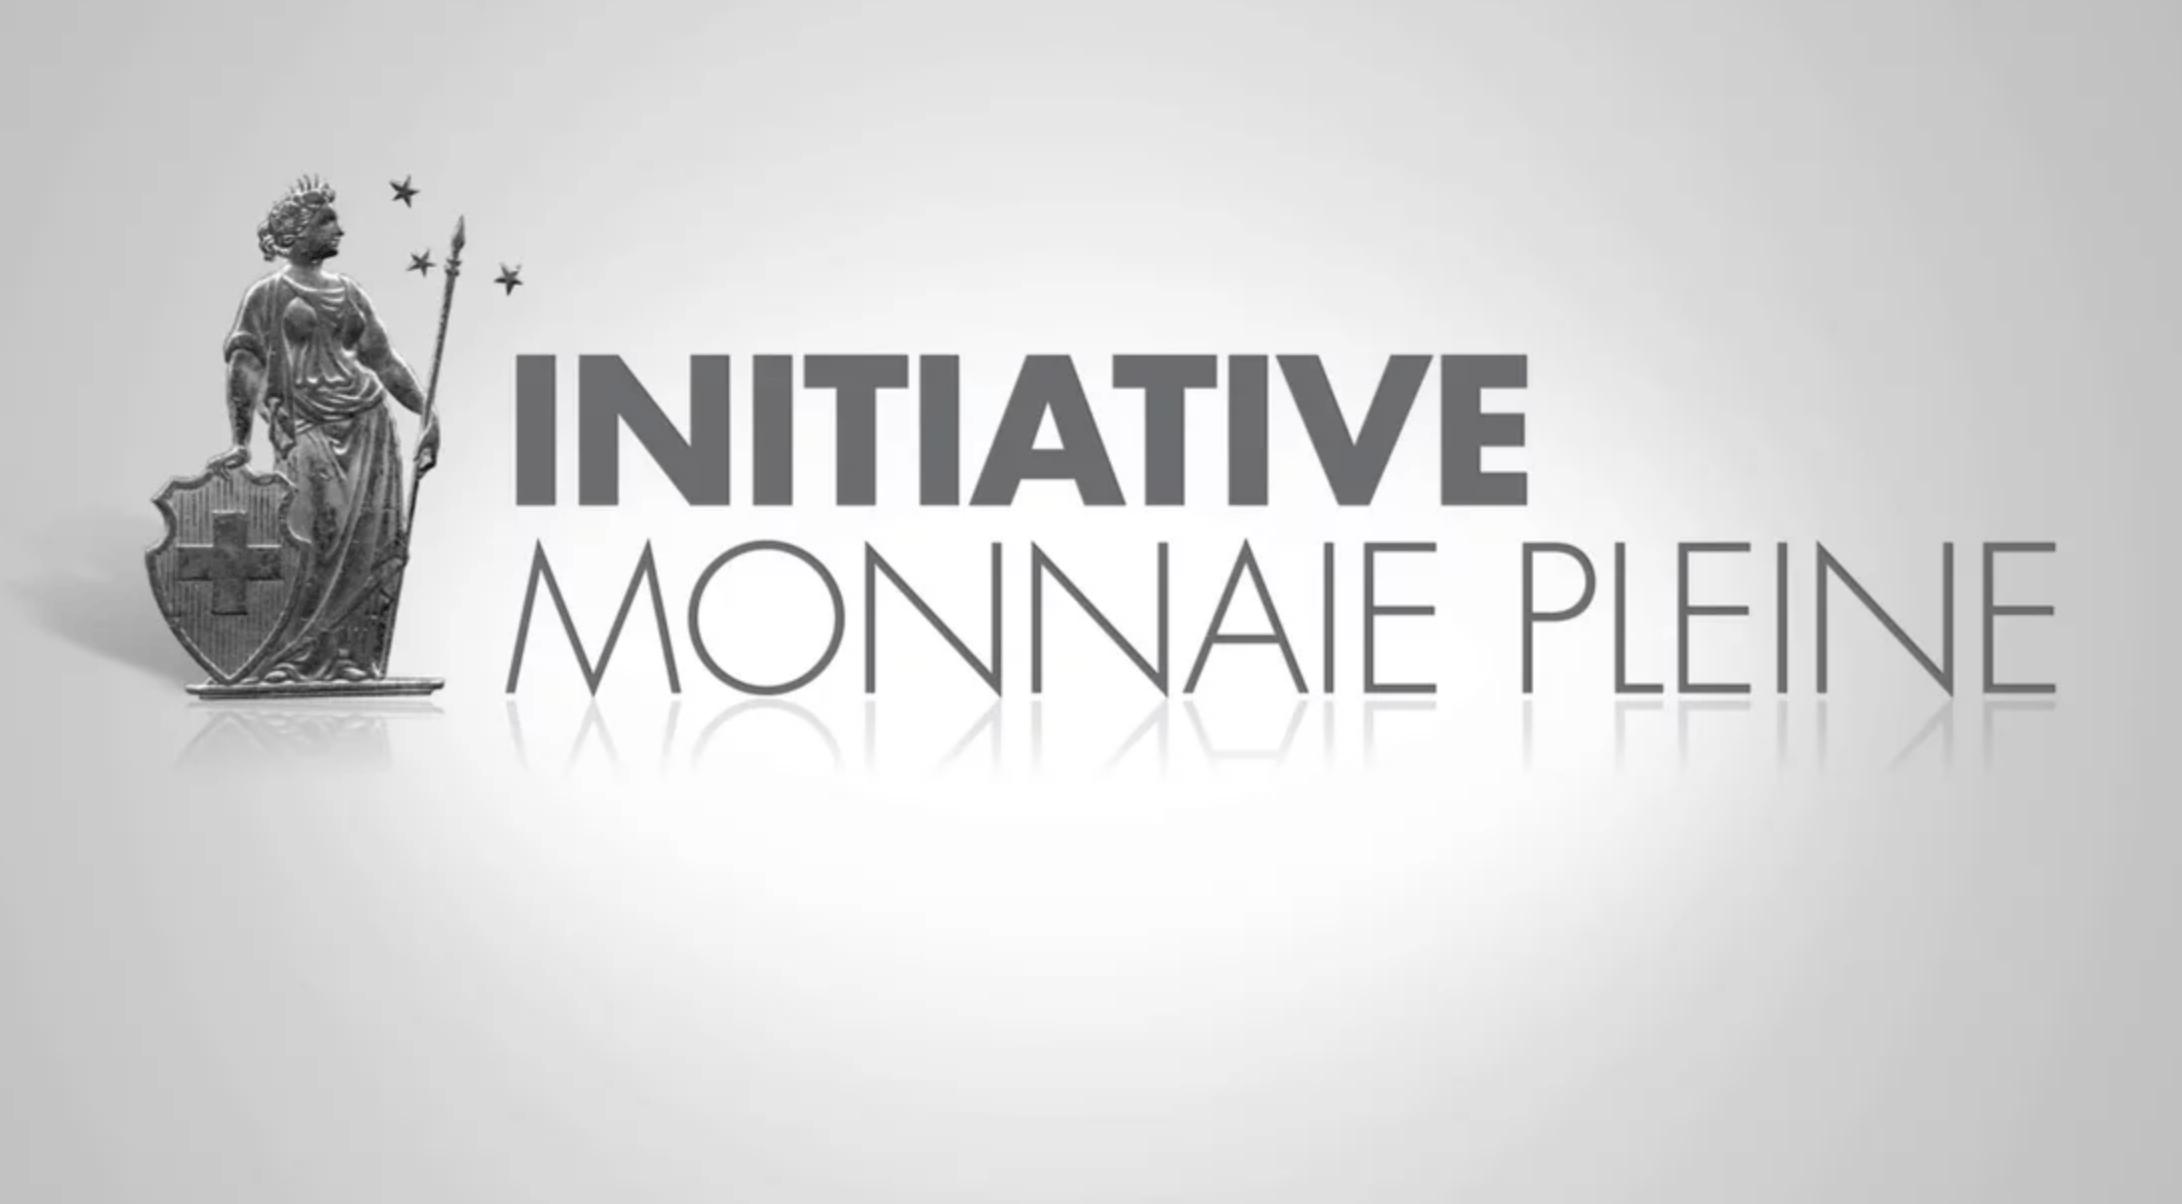 L'initiative sur la Monnaie pleine